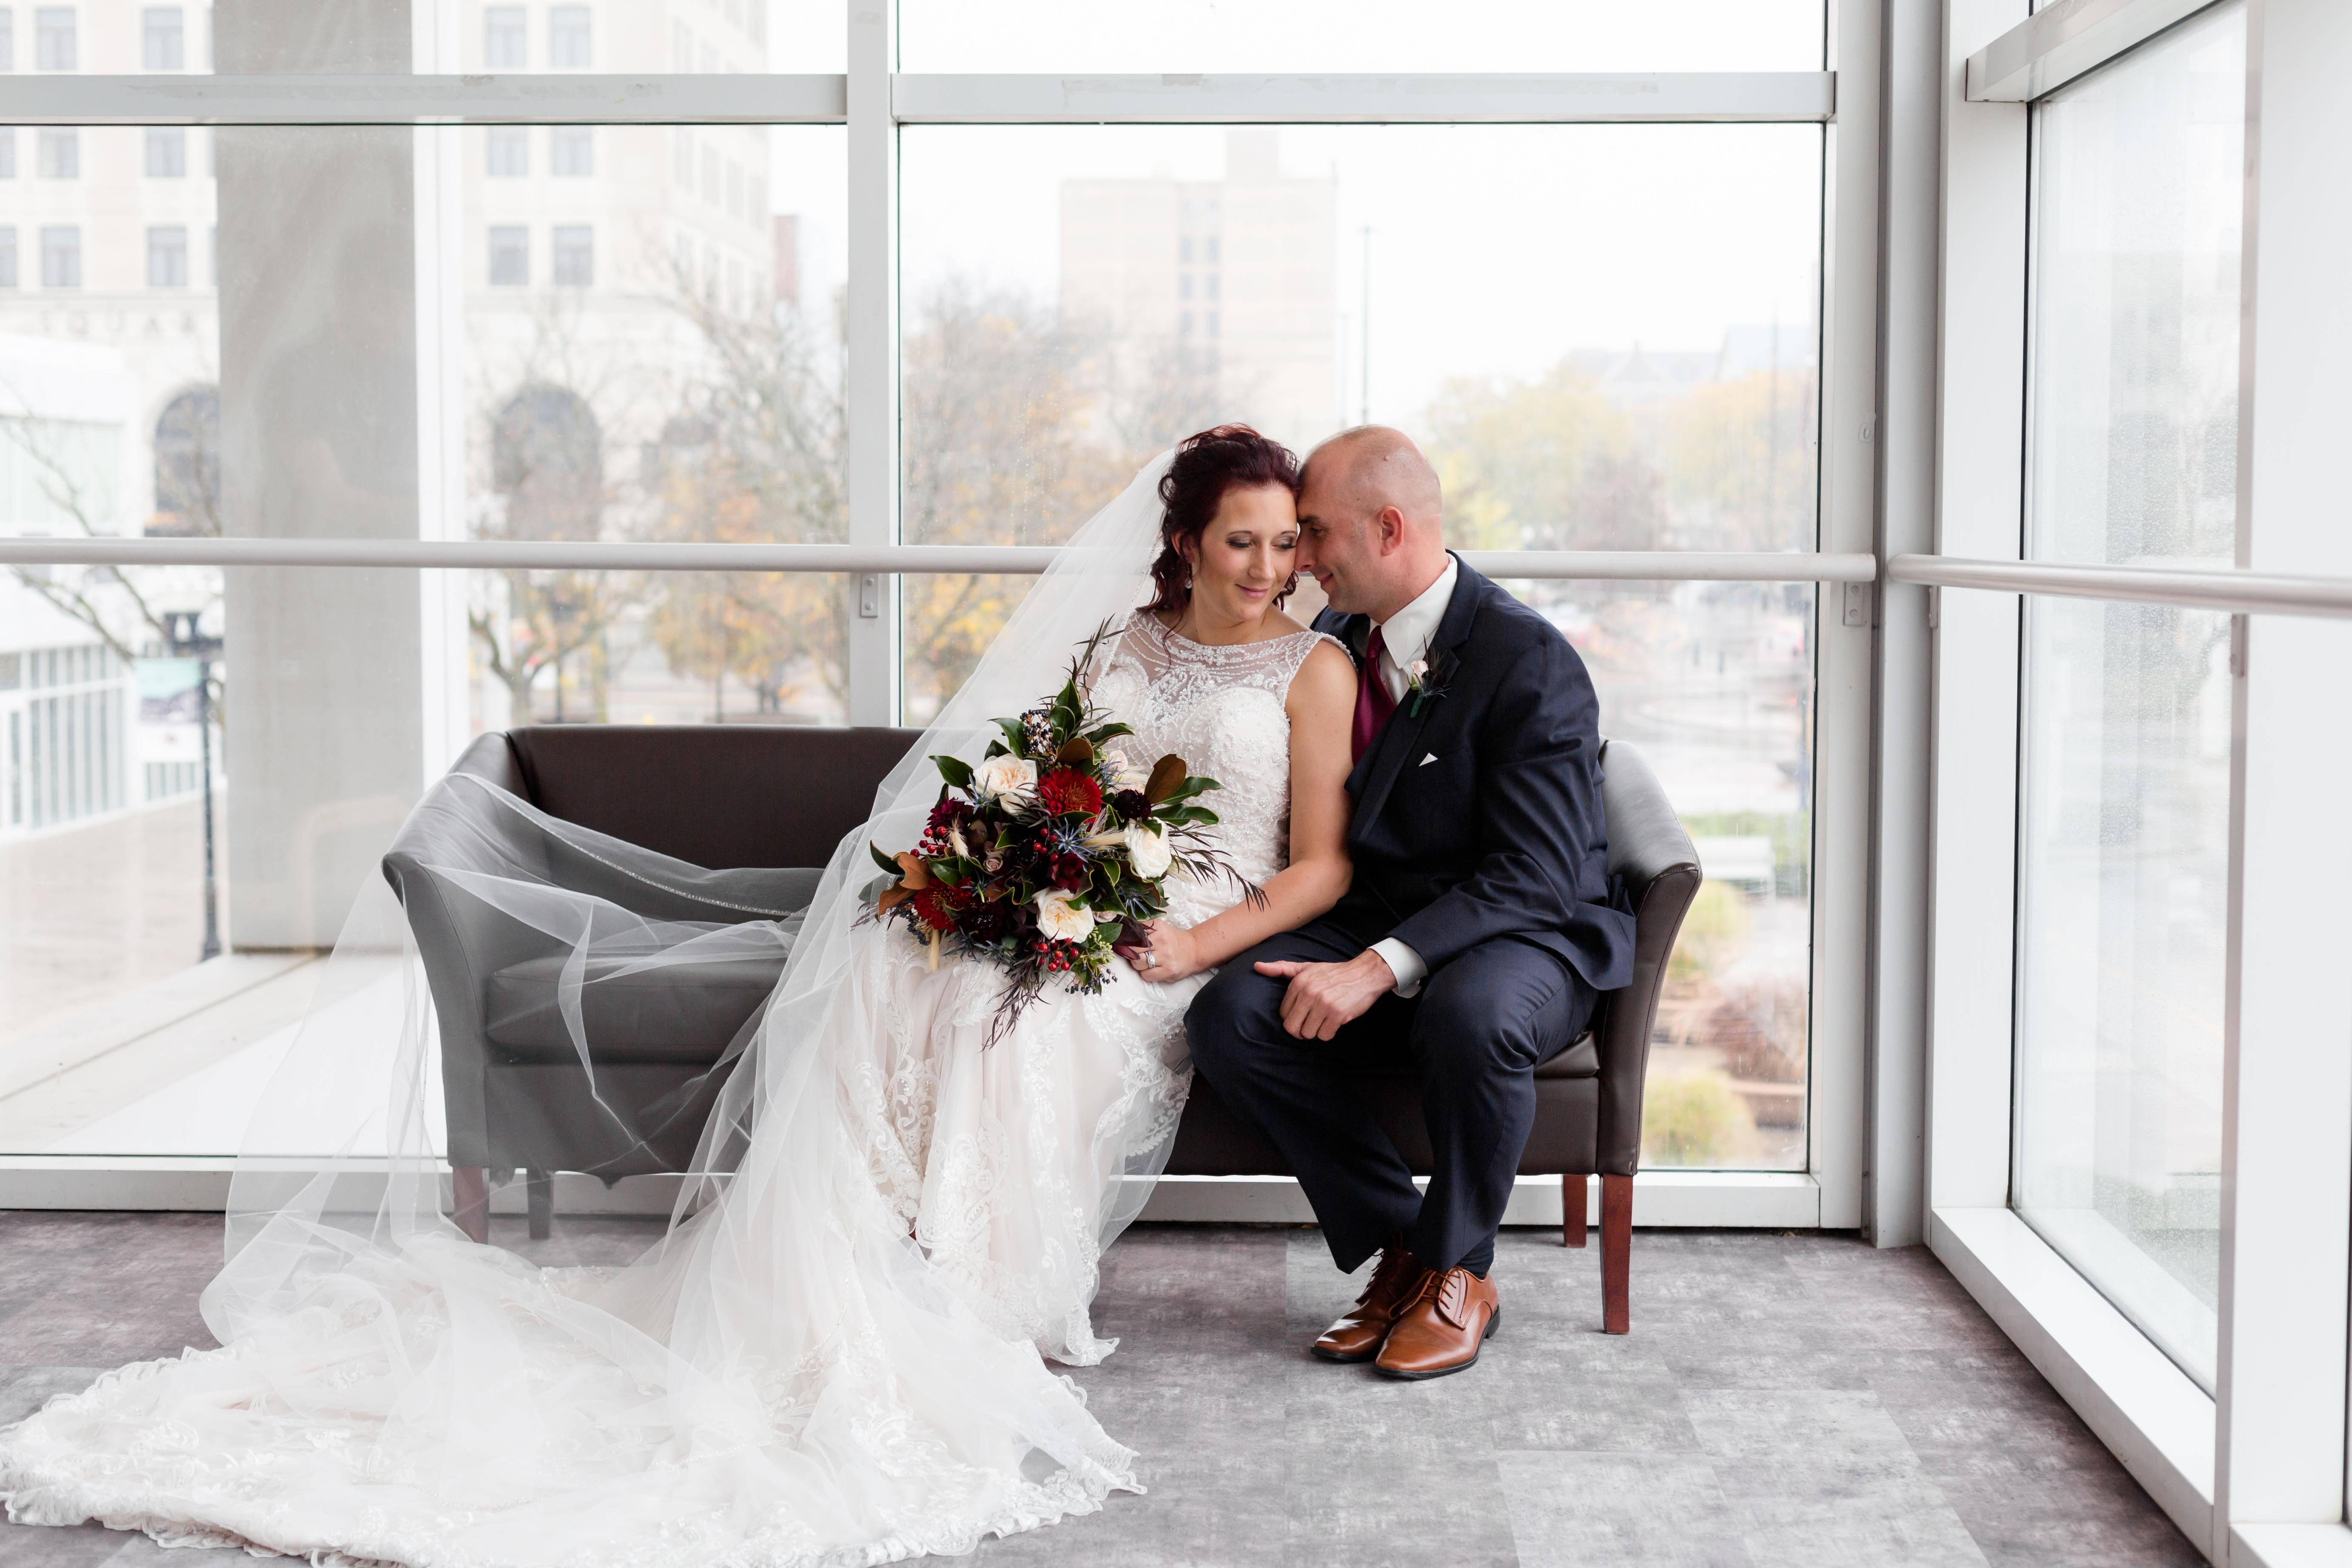 Kunkleman Wedding - Bride + Groom - Capt